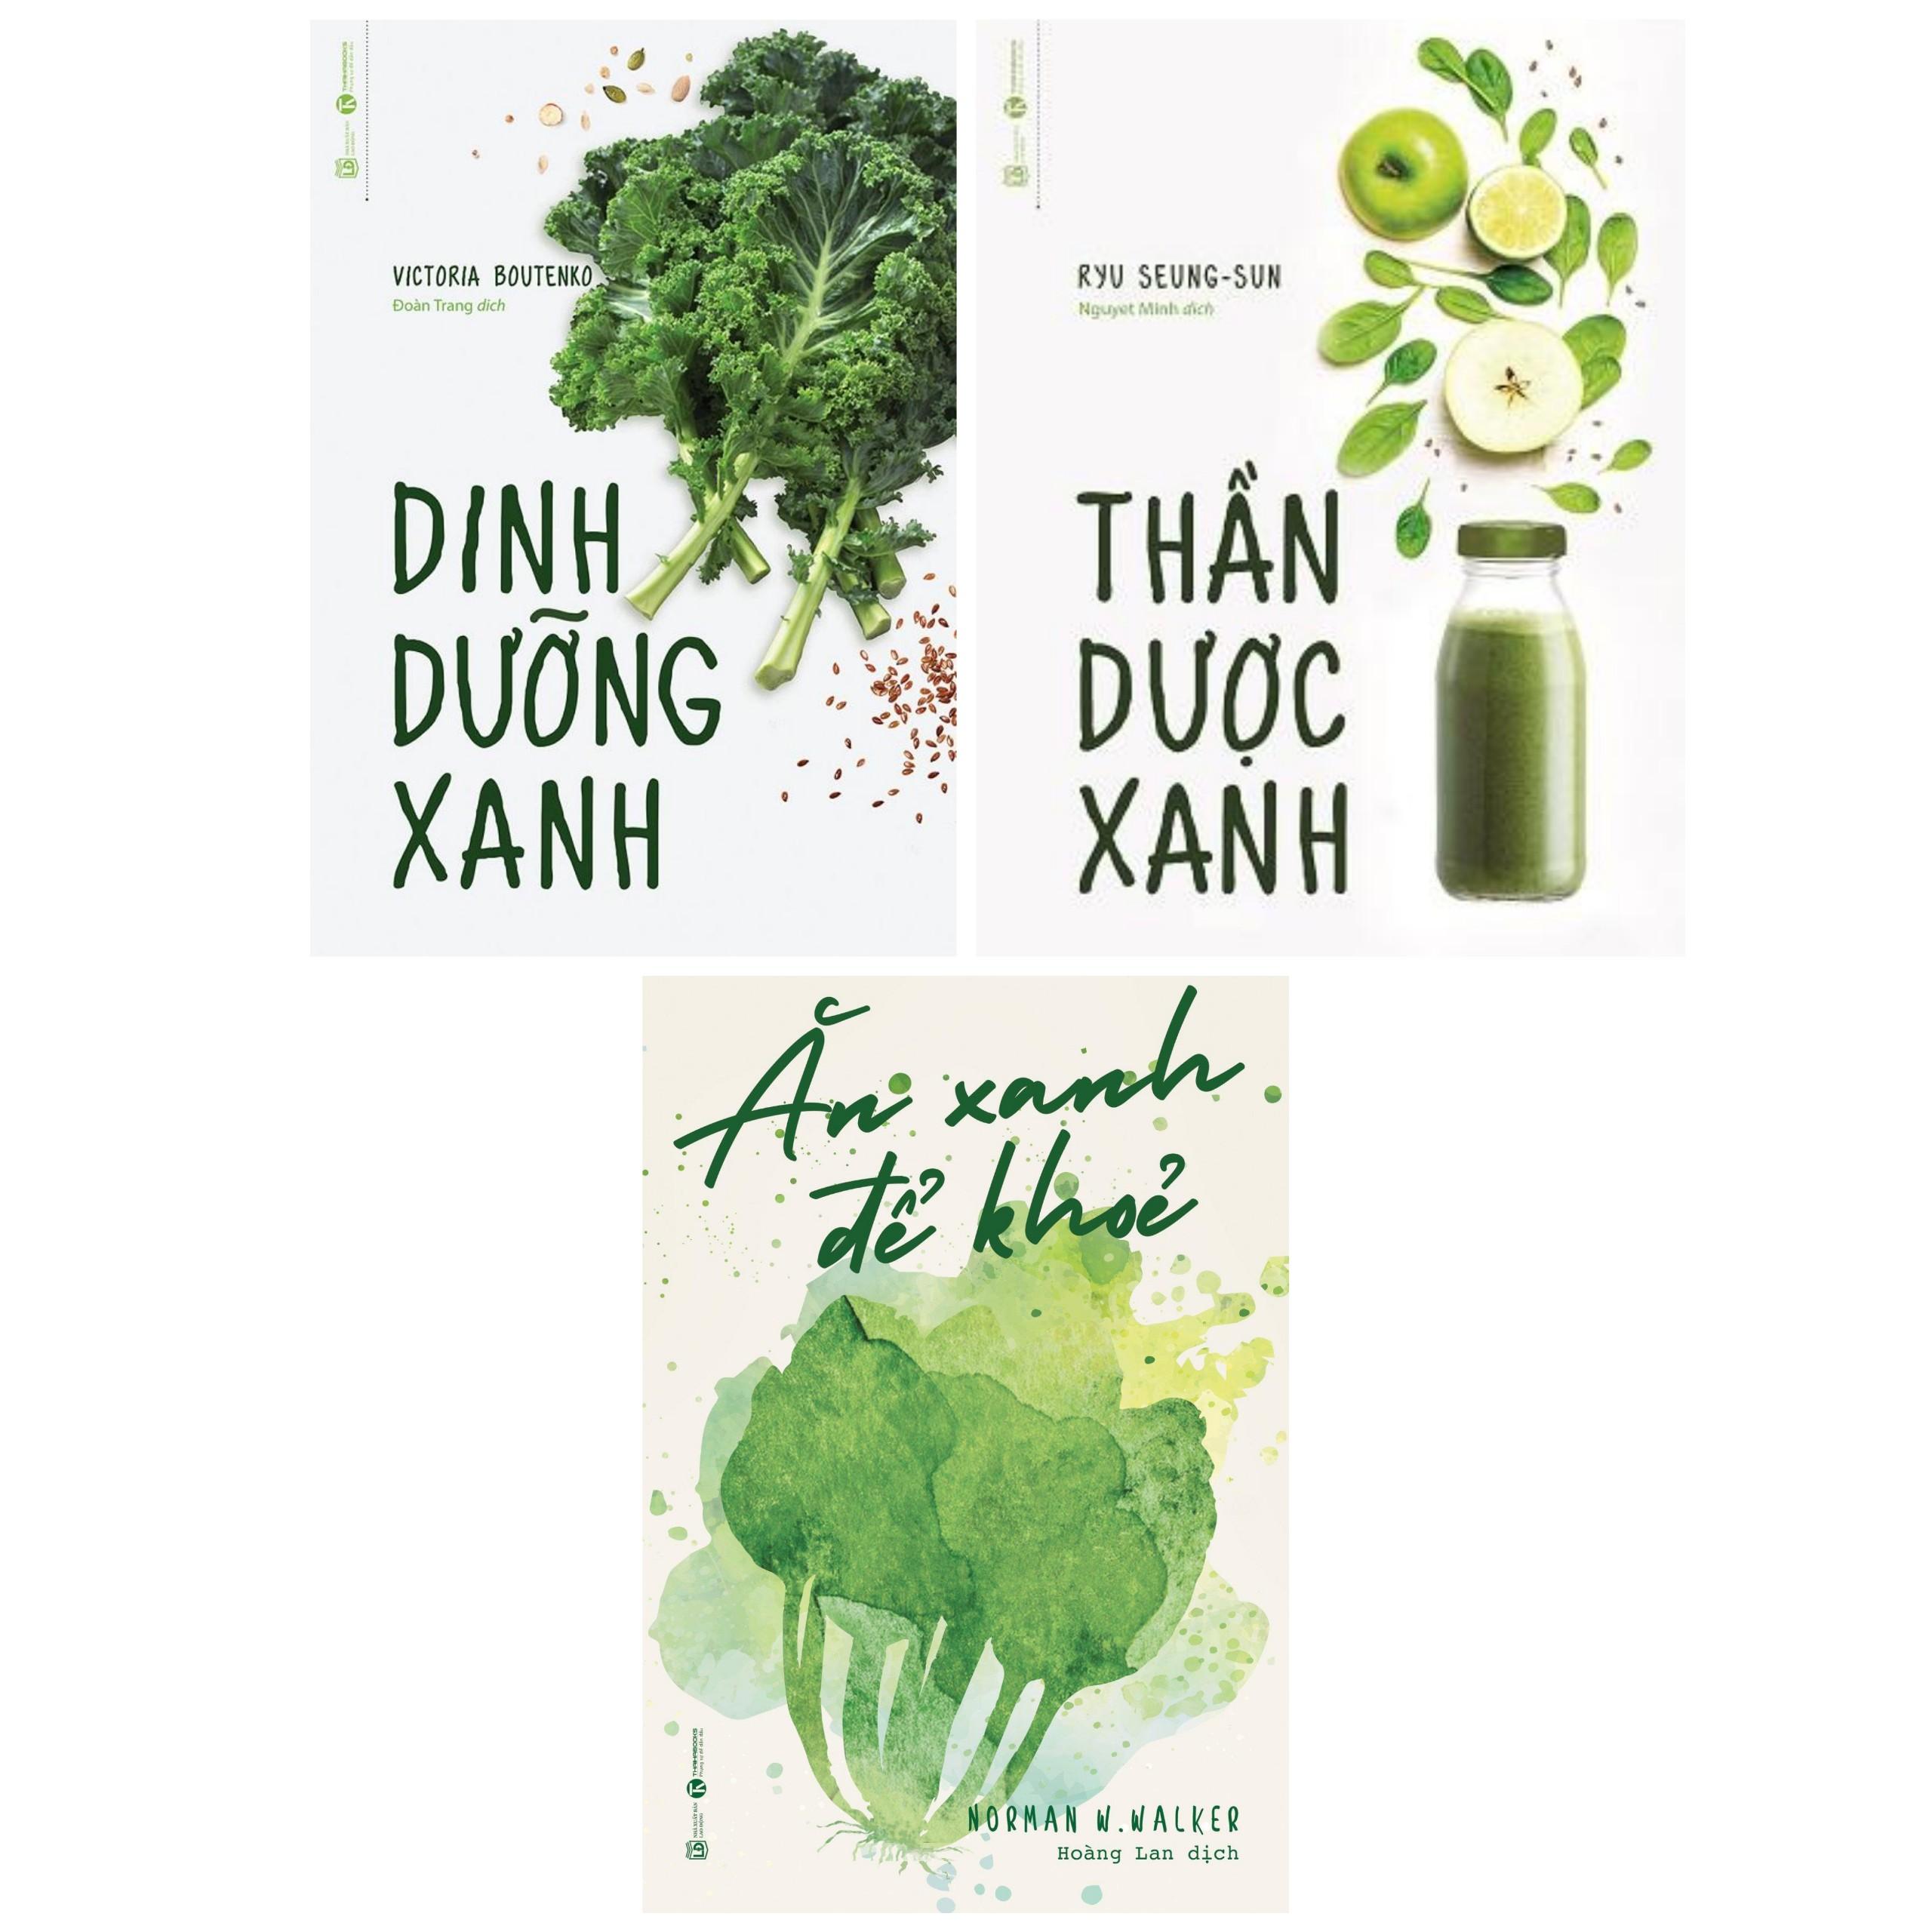 Combo Nữ Công Gia Chánh: Thần Dược Xanh + Ăn Xanh Để Khỏe + Dinh Dưỡng Xanh (Thần Bài Chữa Bách Bệnh - Tặng Kèm Bookmark Green Life)